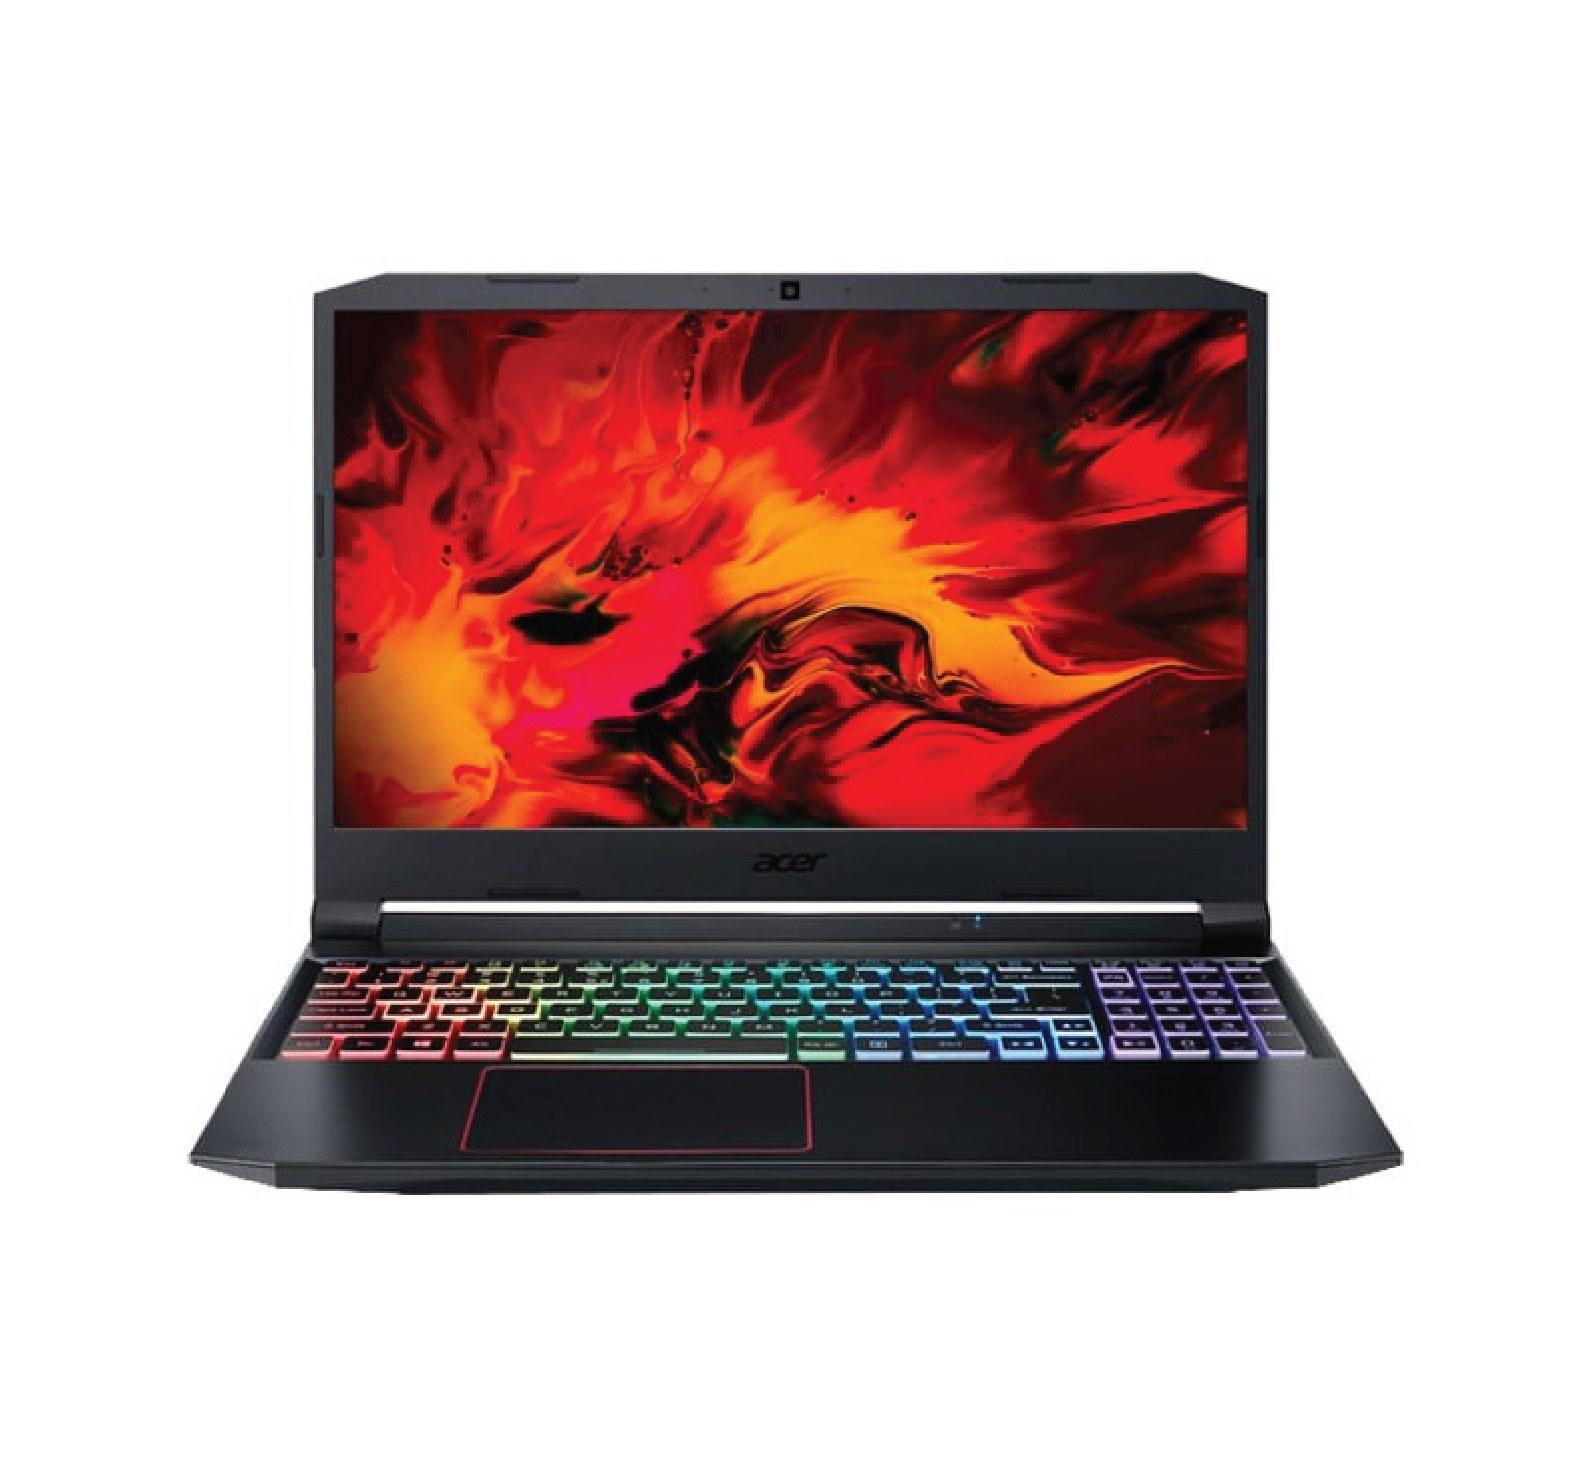 تصویر لپ تاپ ایسر  8GB RAM   1+256GB SSD   4GB VGA   i5   AN515  Acer Nitro 5 AN515